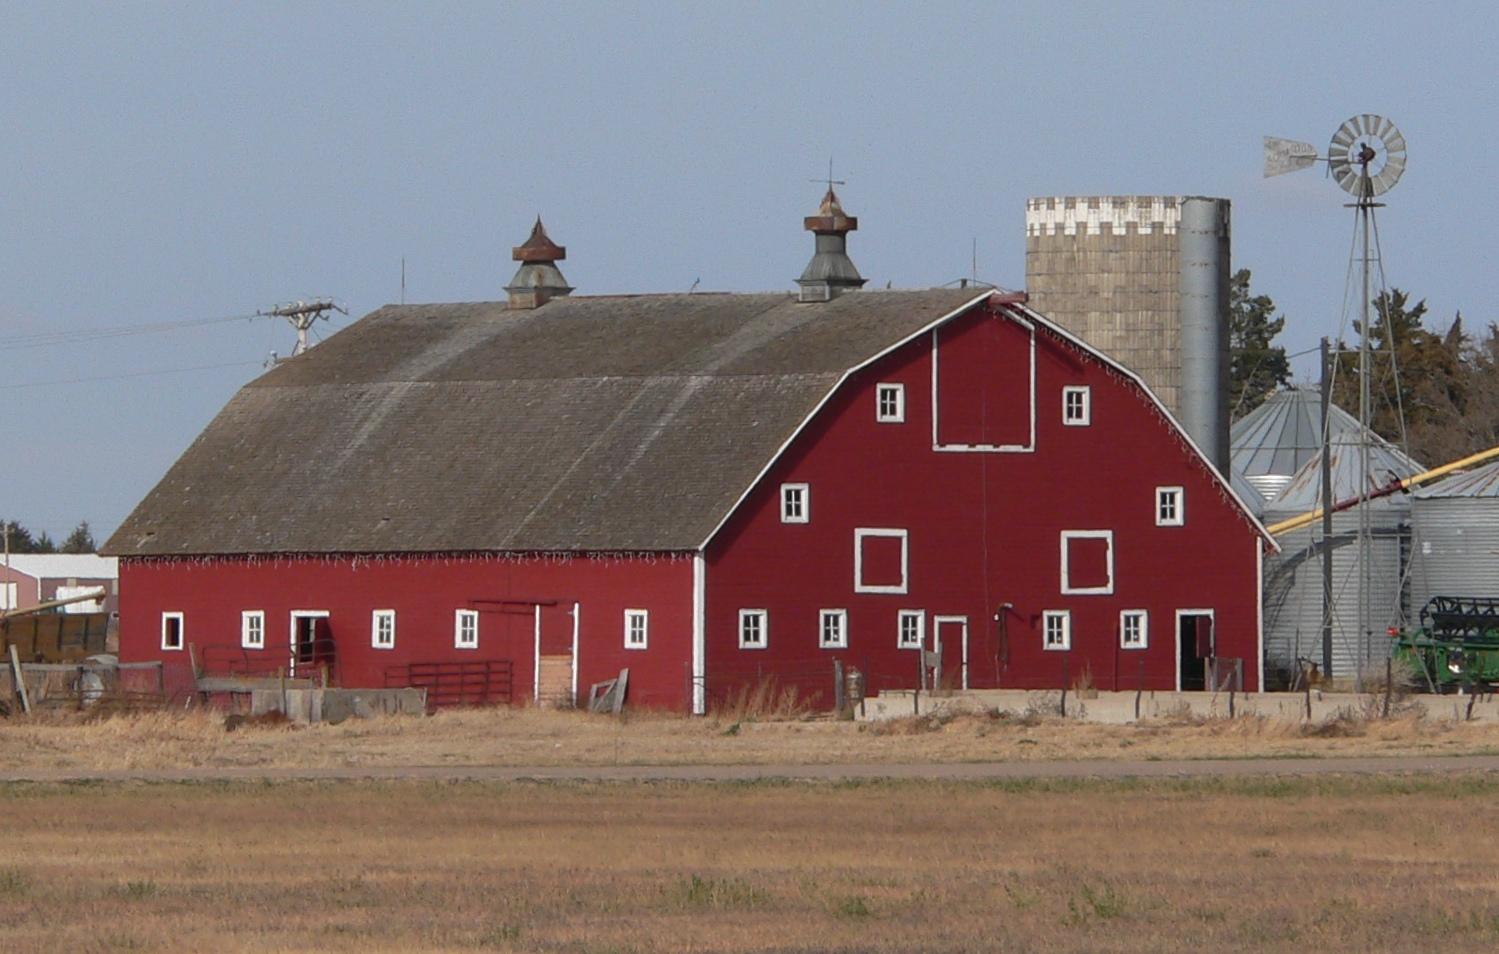 File:Nelson Farm (Merrick County, Nebraska) barn from SE 1 ...